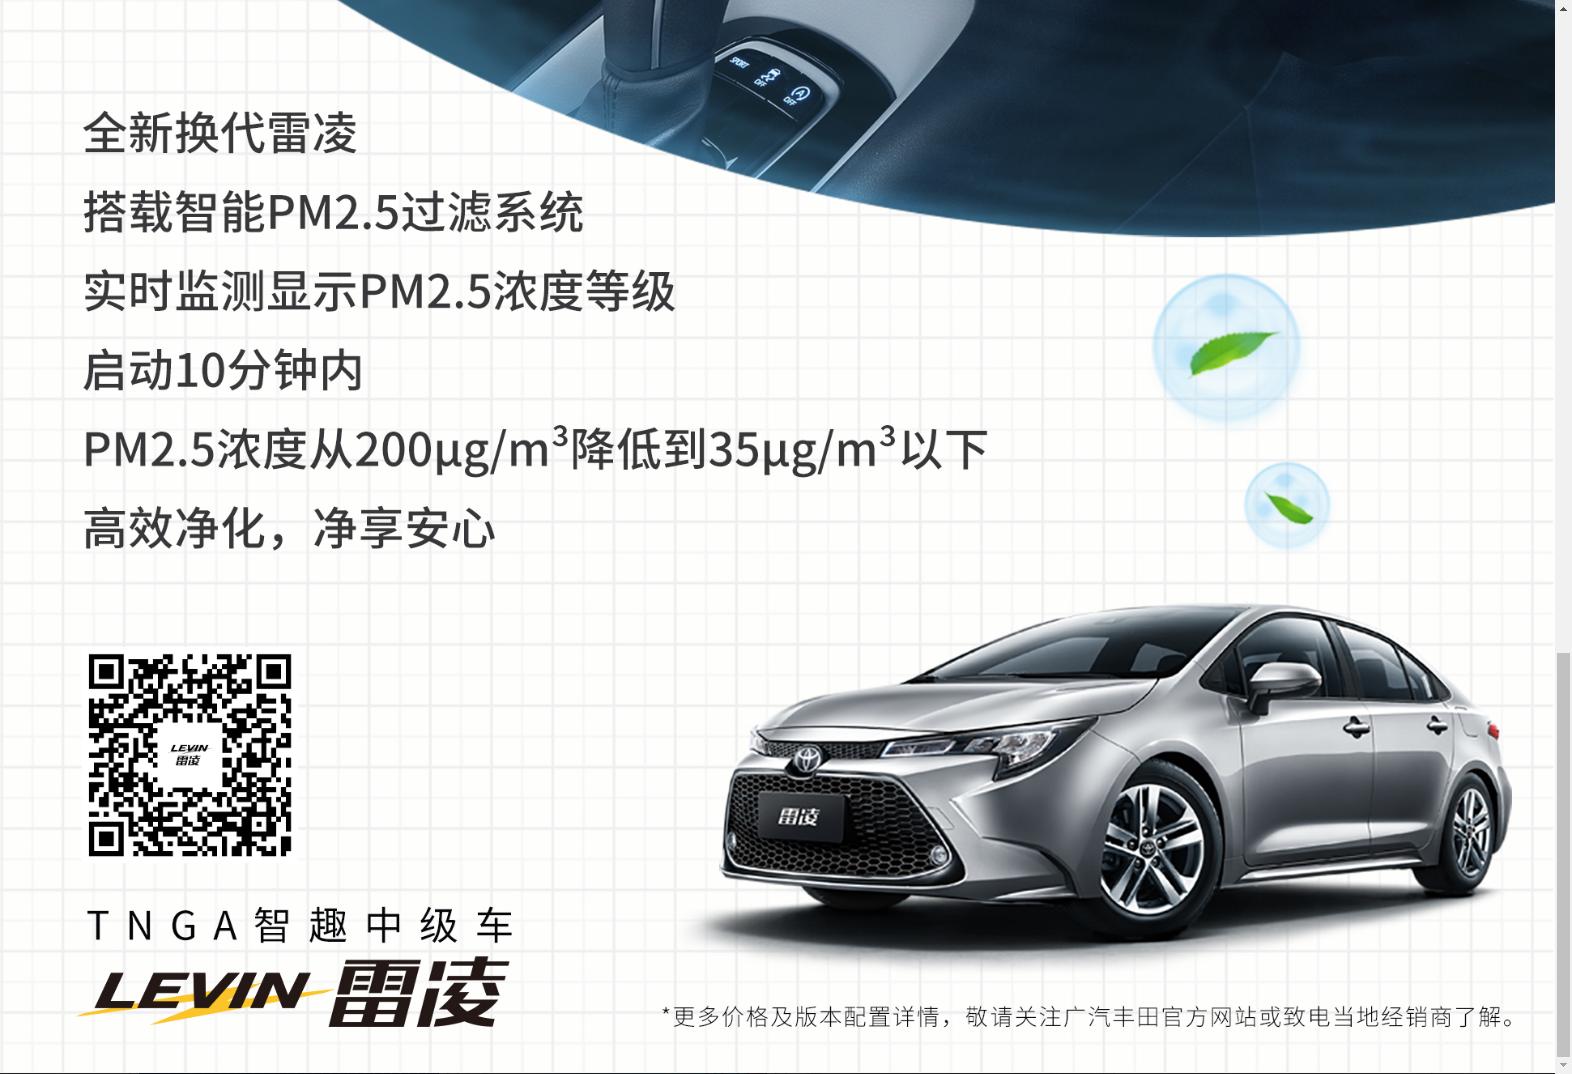 全新换代雷凌,搭载PM2.5过滤系统,高效净化,净享安心